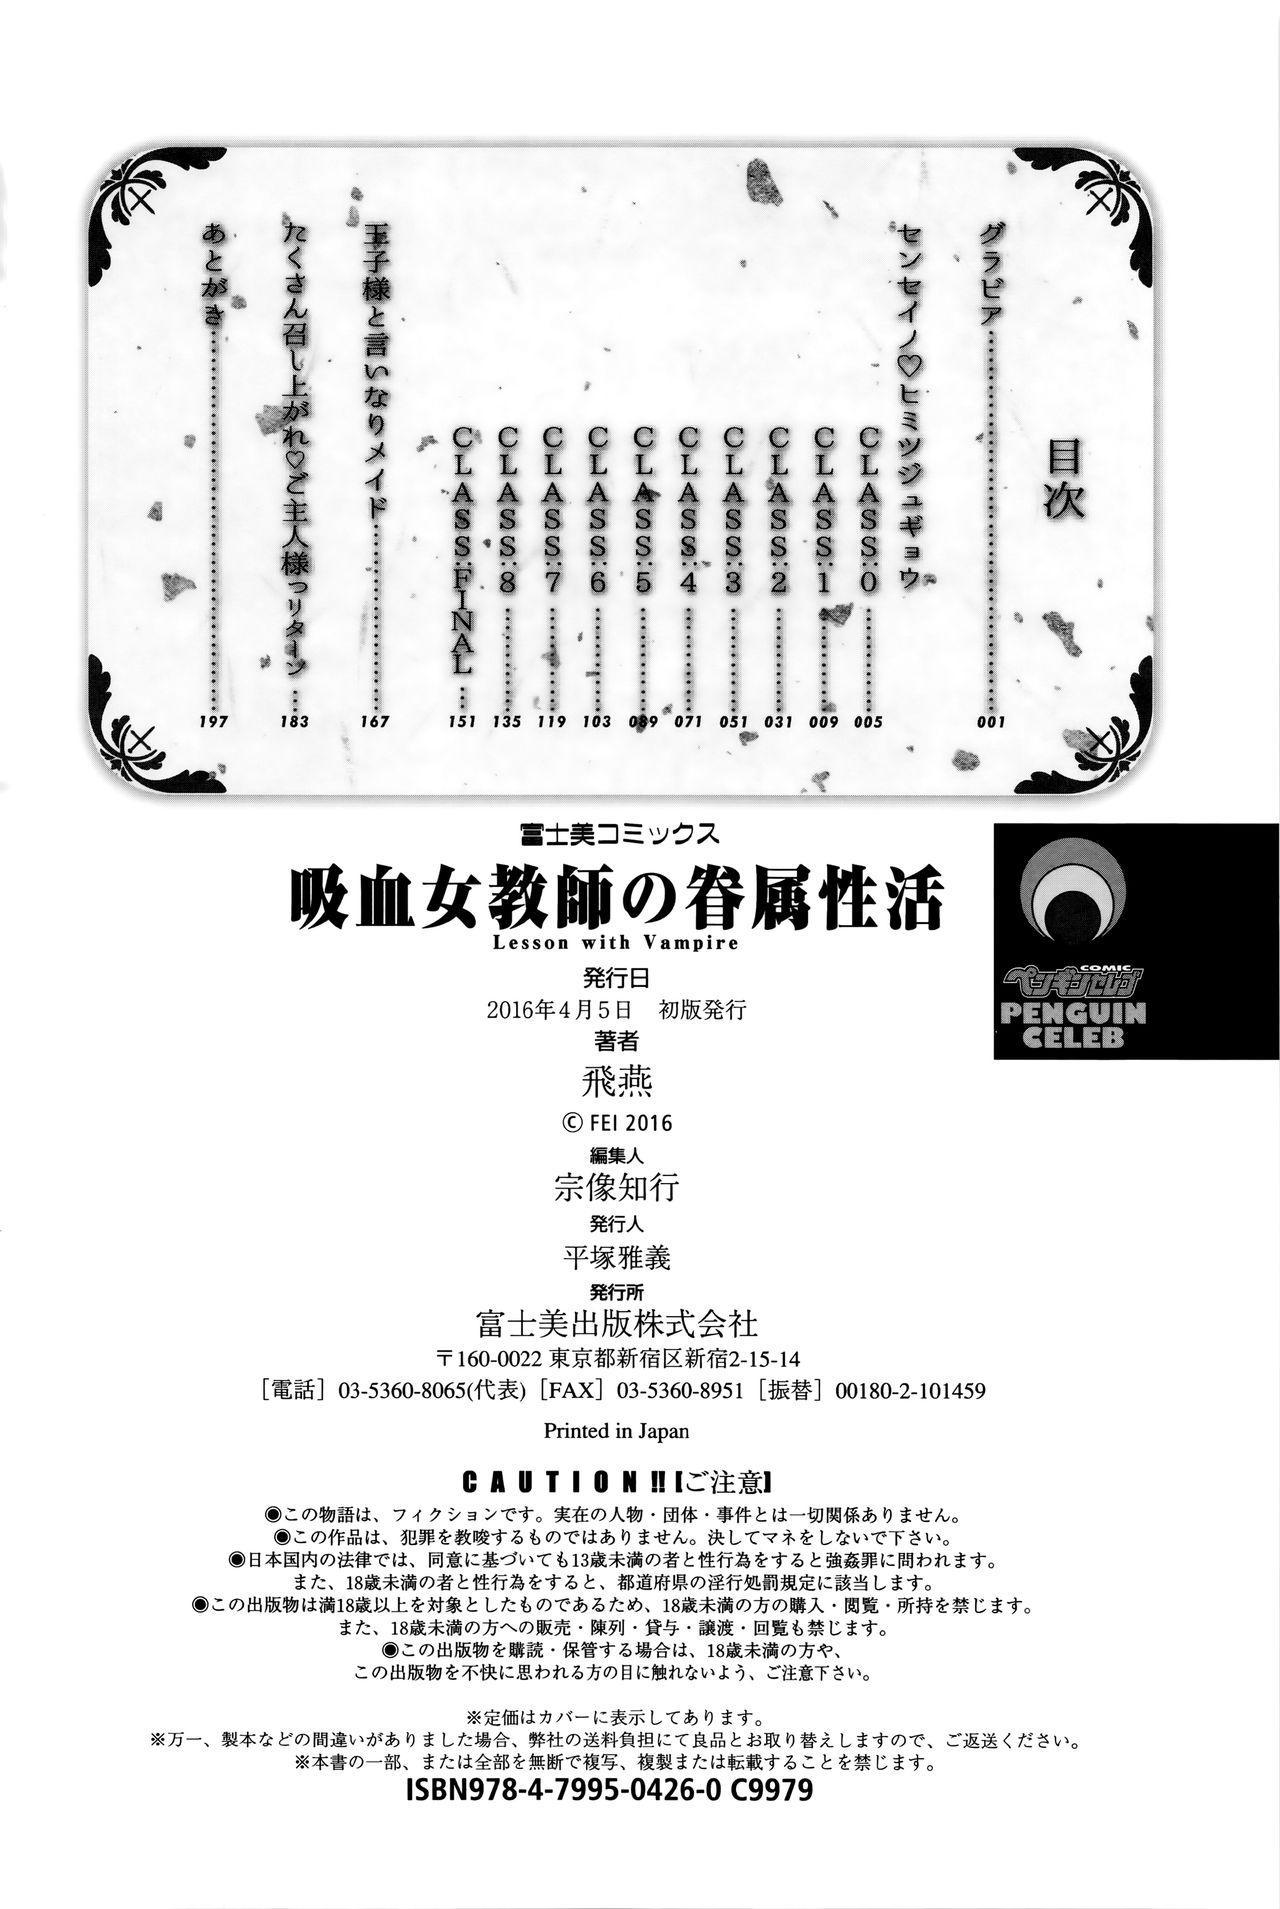 Kyuuketsu Jokyoushi No Kenzoku Seikatsu 201